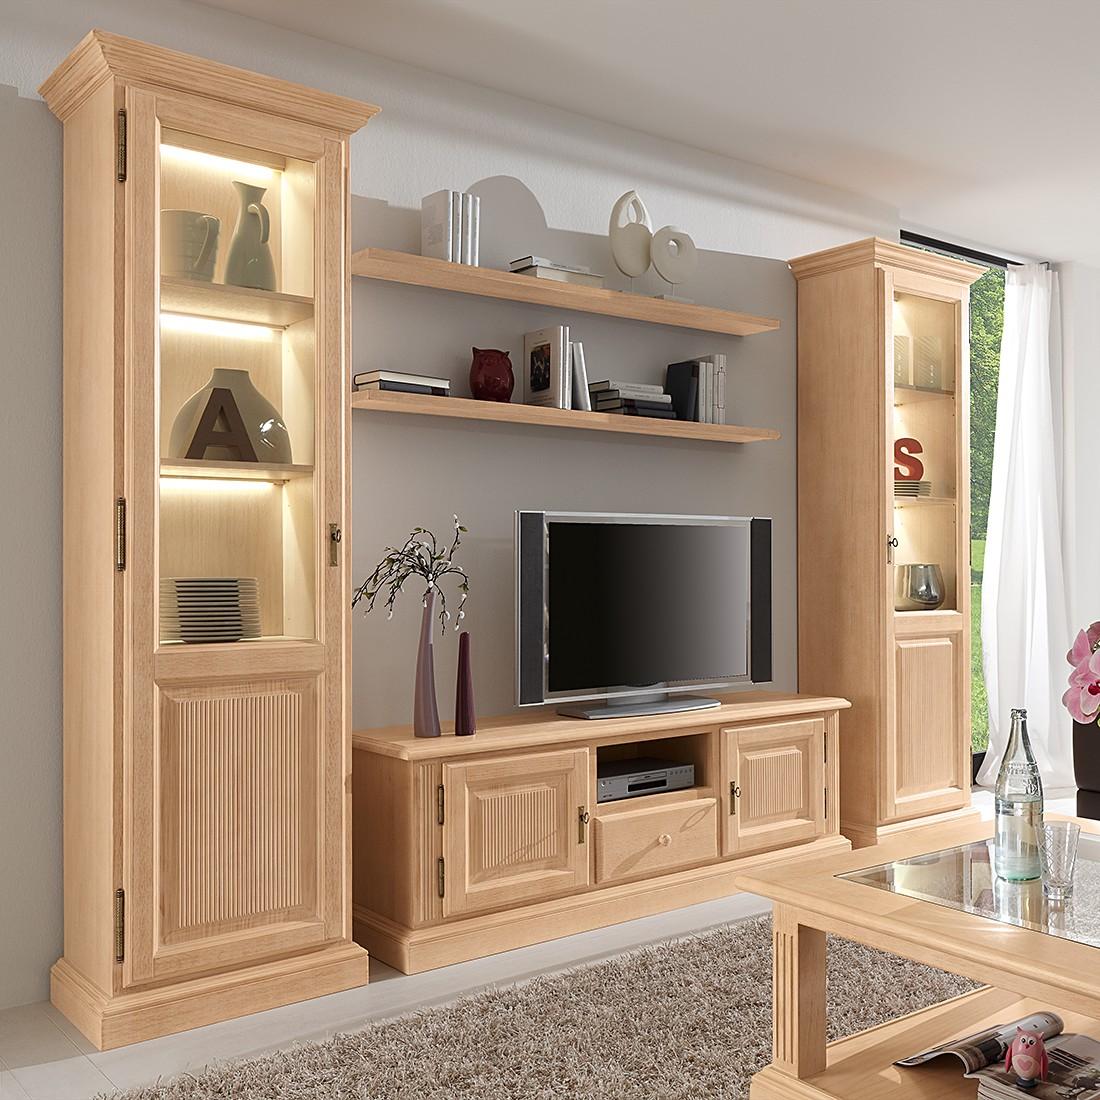 Ensemble de meubles TV Breddin (5 éléments) - Pin massif - Sans éclairage, Ridgevalley